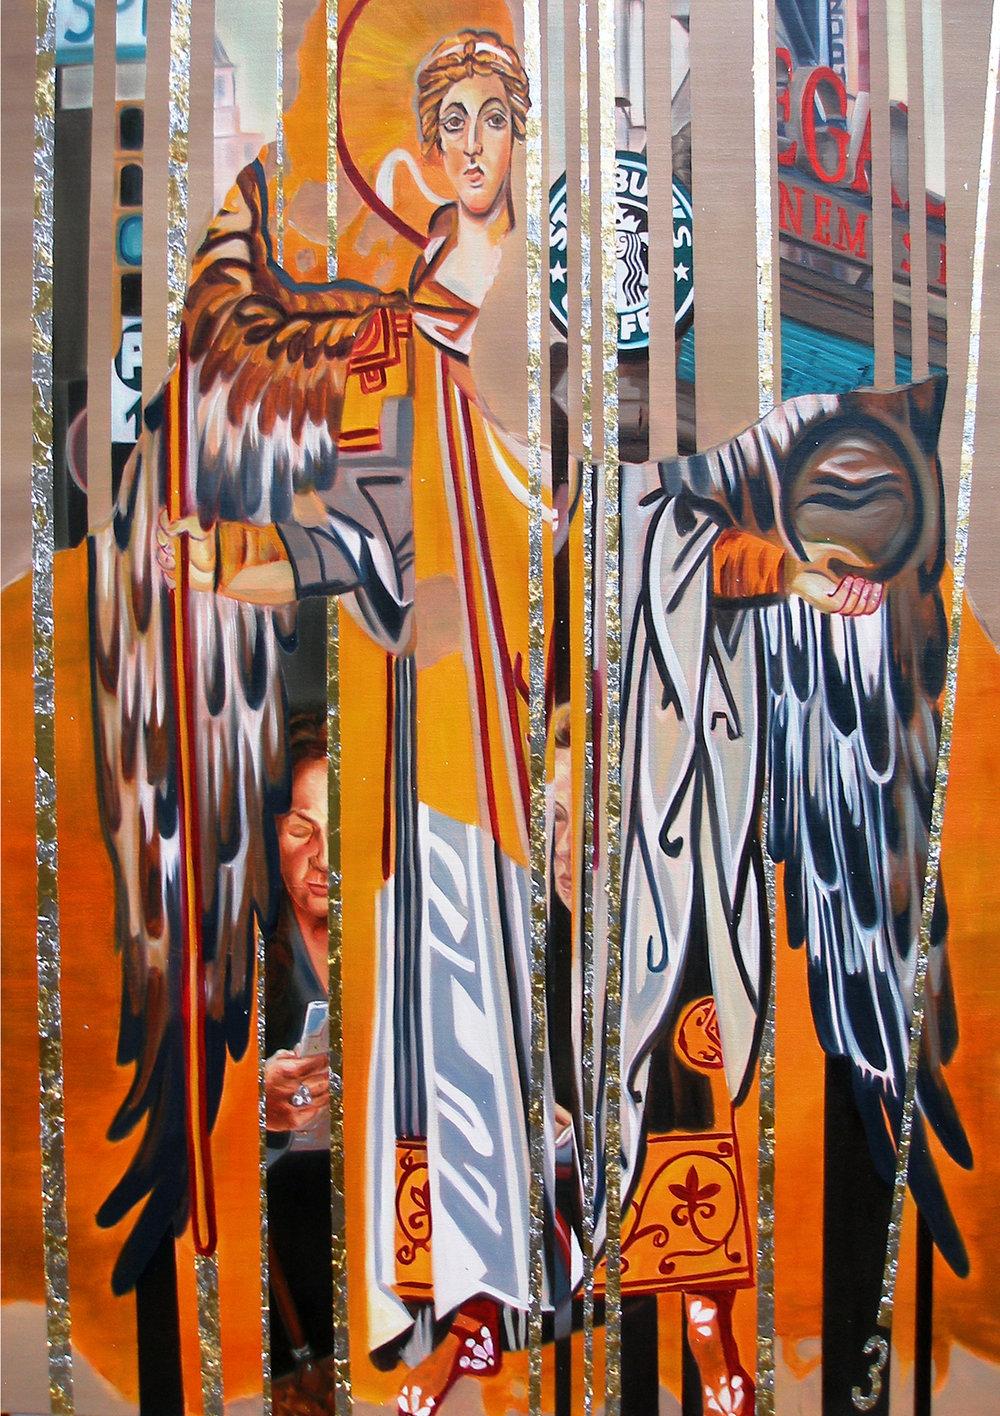 3.Gabriel-130x97cm, oil on canvas.jpg